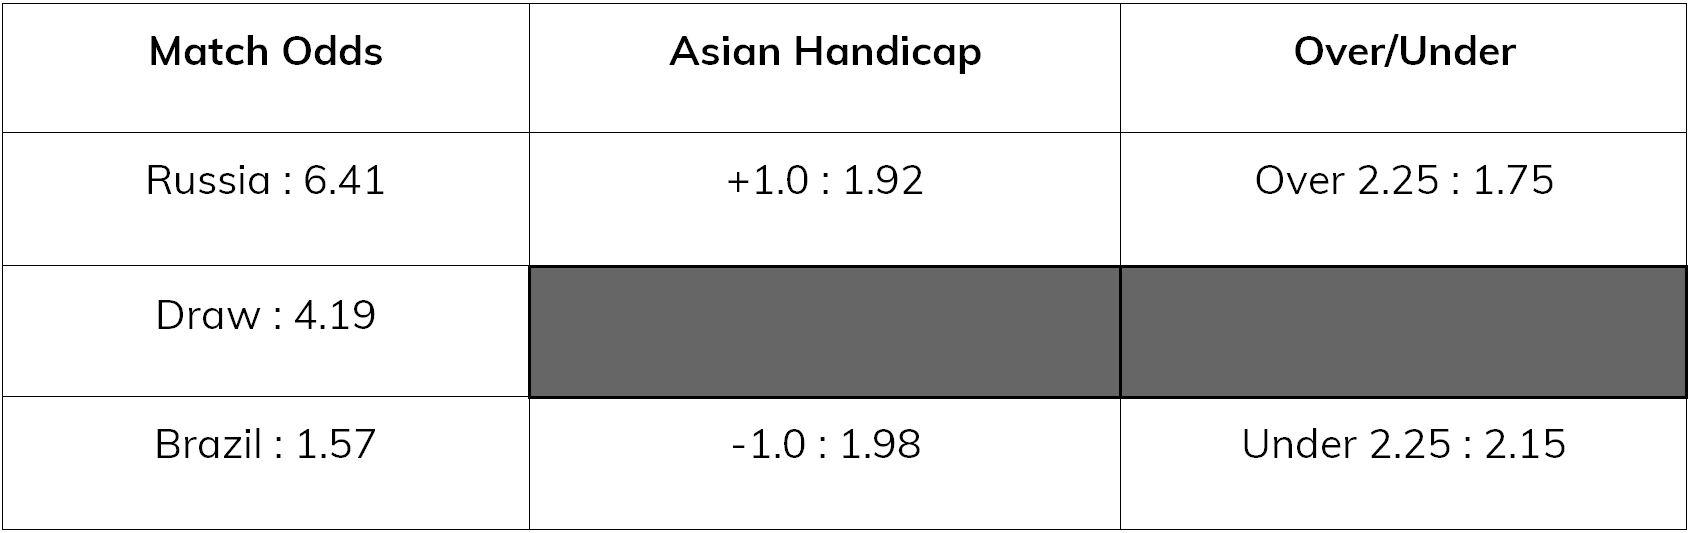 spain-v-russia-asian-handicap-010718-eastbridge5